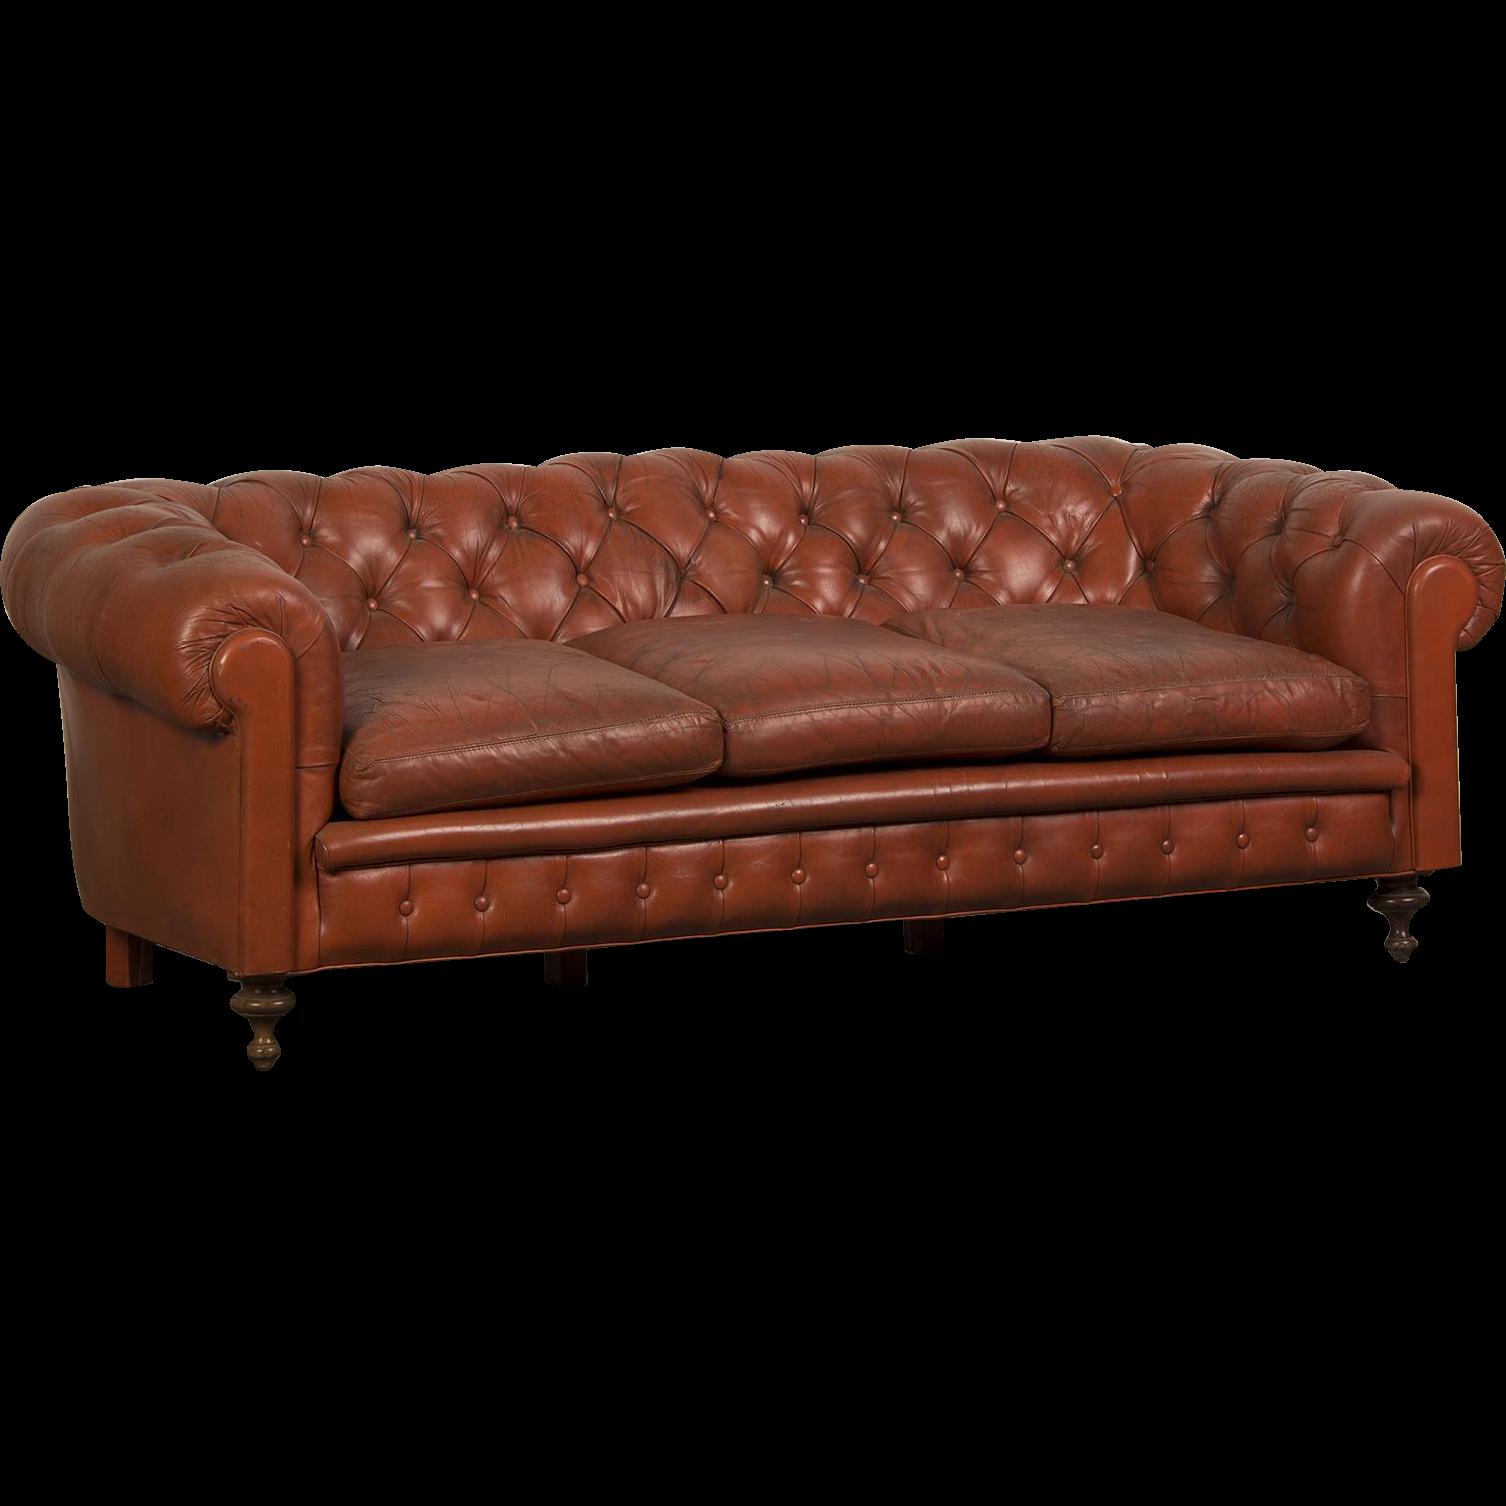 Antique Sofa Houston: Edwardian Period Vintage English Chesterfield Leather Sofa